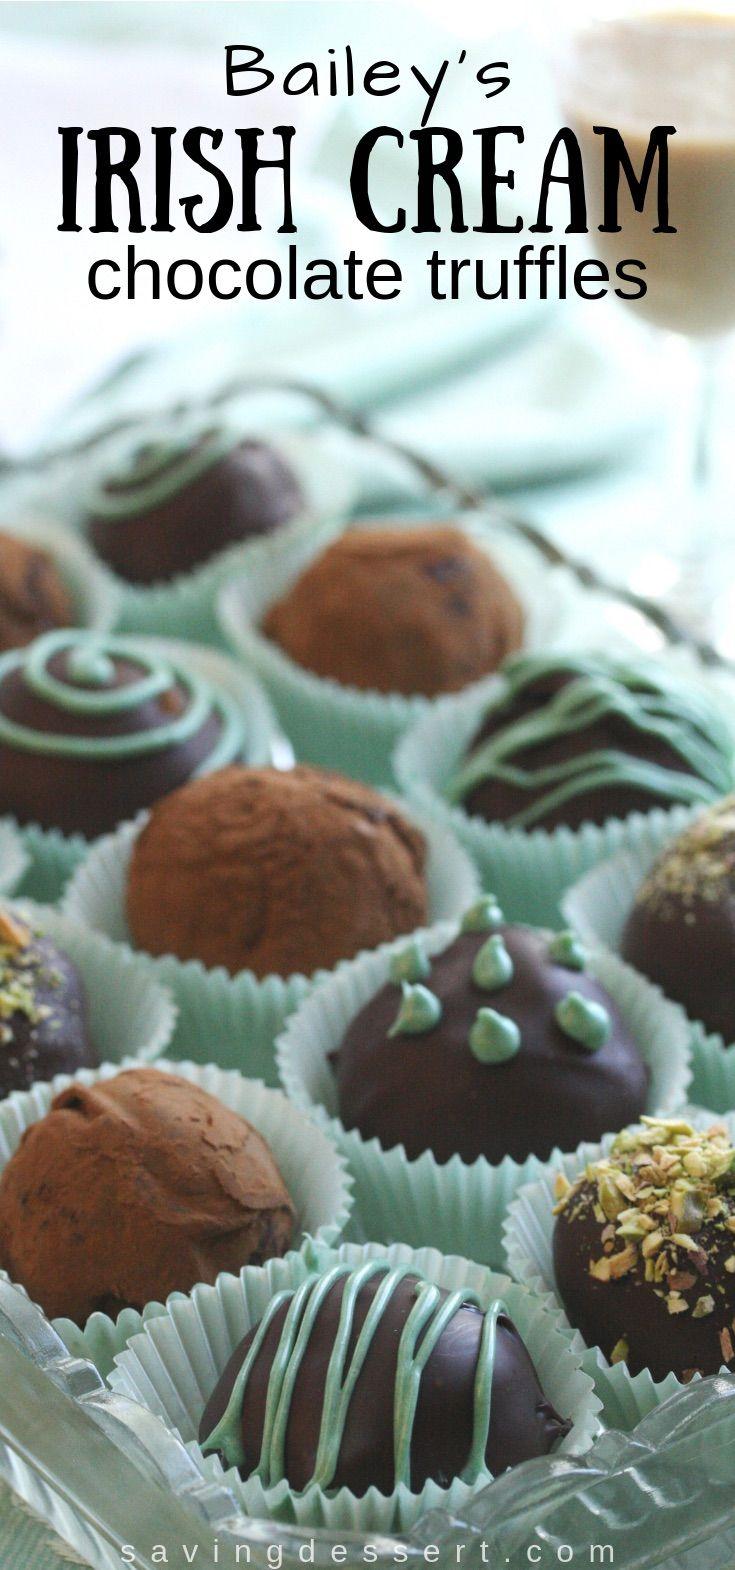 Baileys Irish Cream Chocolate Truffles